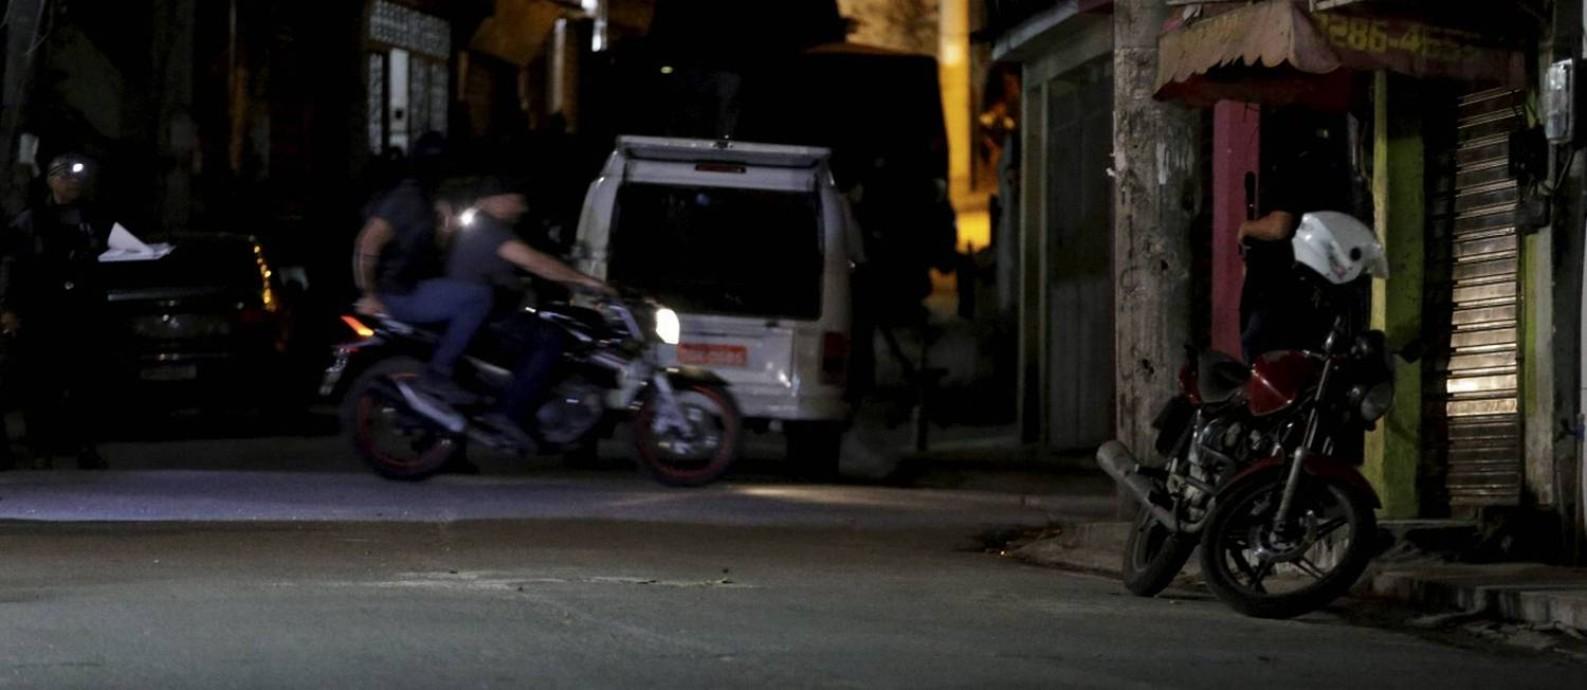 Uma moto foi usada na reconstituição da morte da menina Ágatha Foto: Domingos Peixoto / Agência O Globo